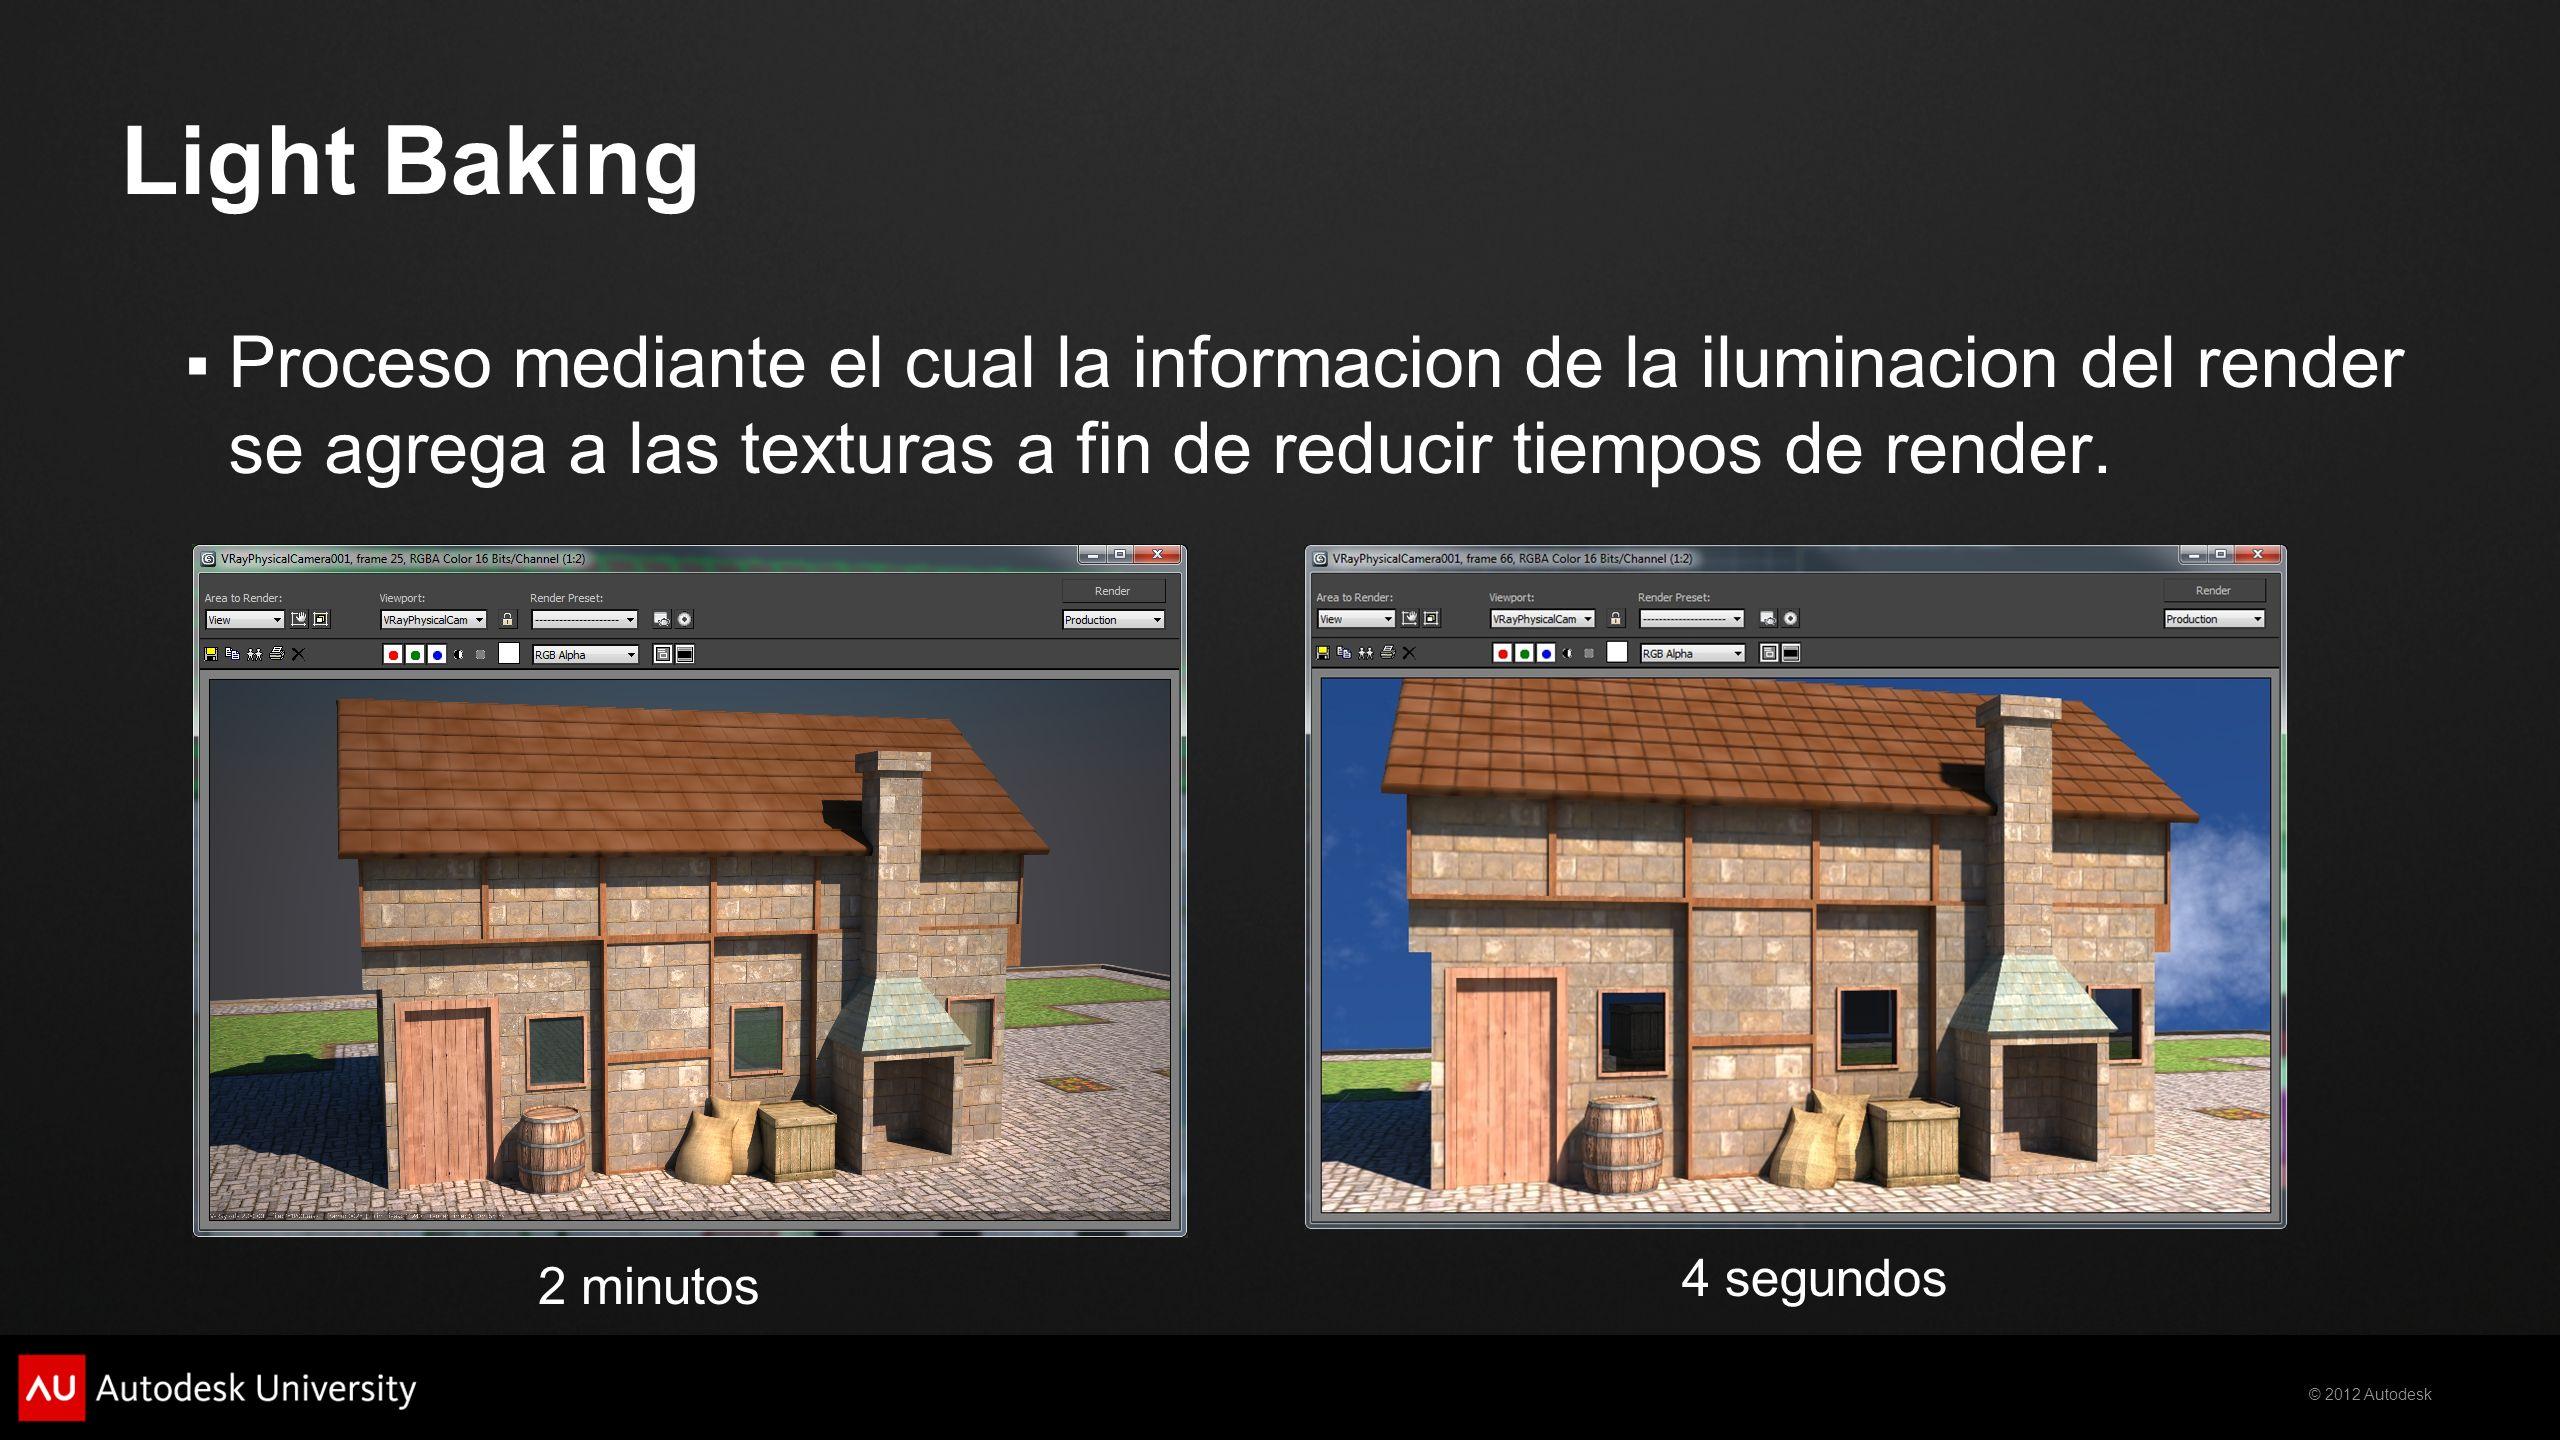 Light BakingProceso mediante el cual la informacion de la iluminacion del render se agrega a las texturas a fin de reducir tiempos de render.